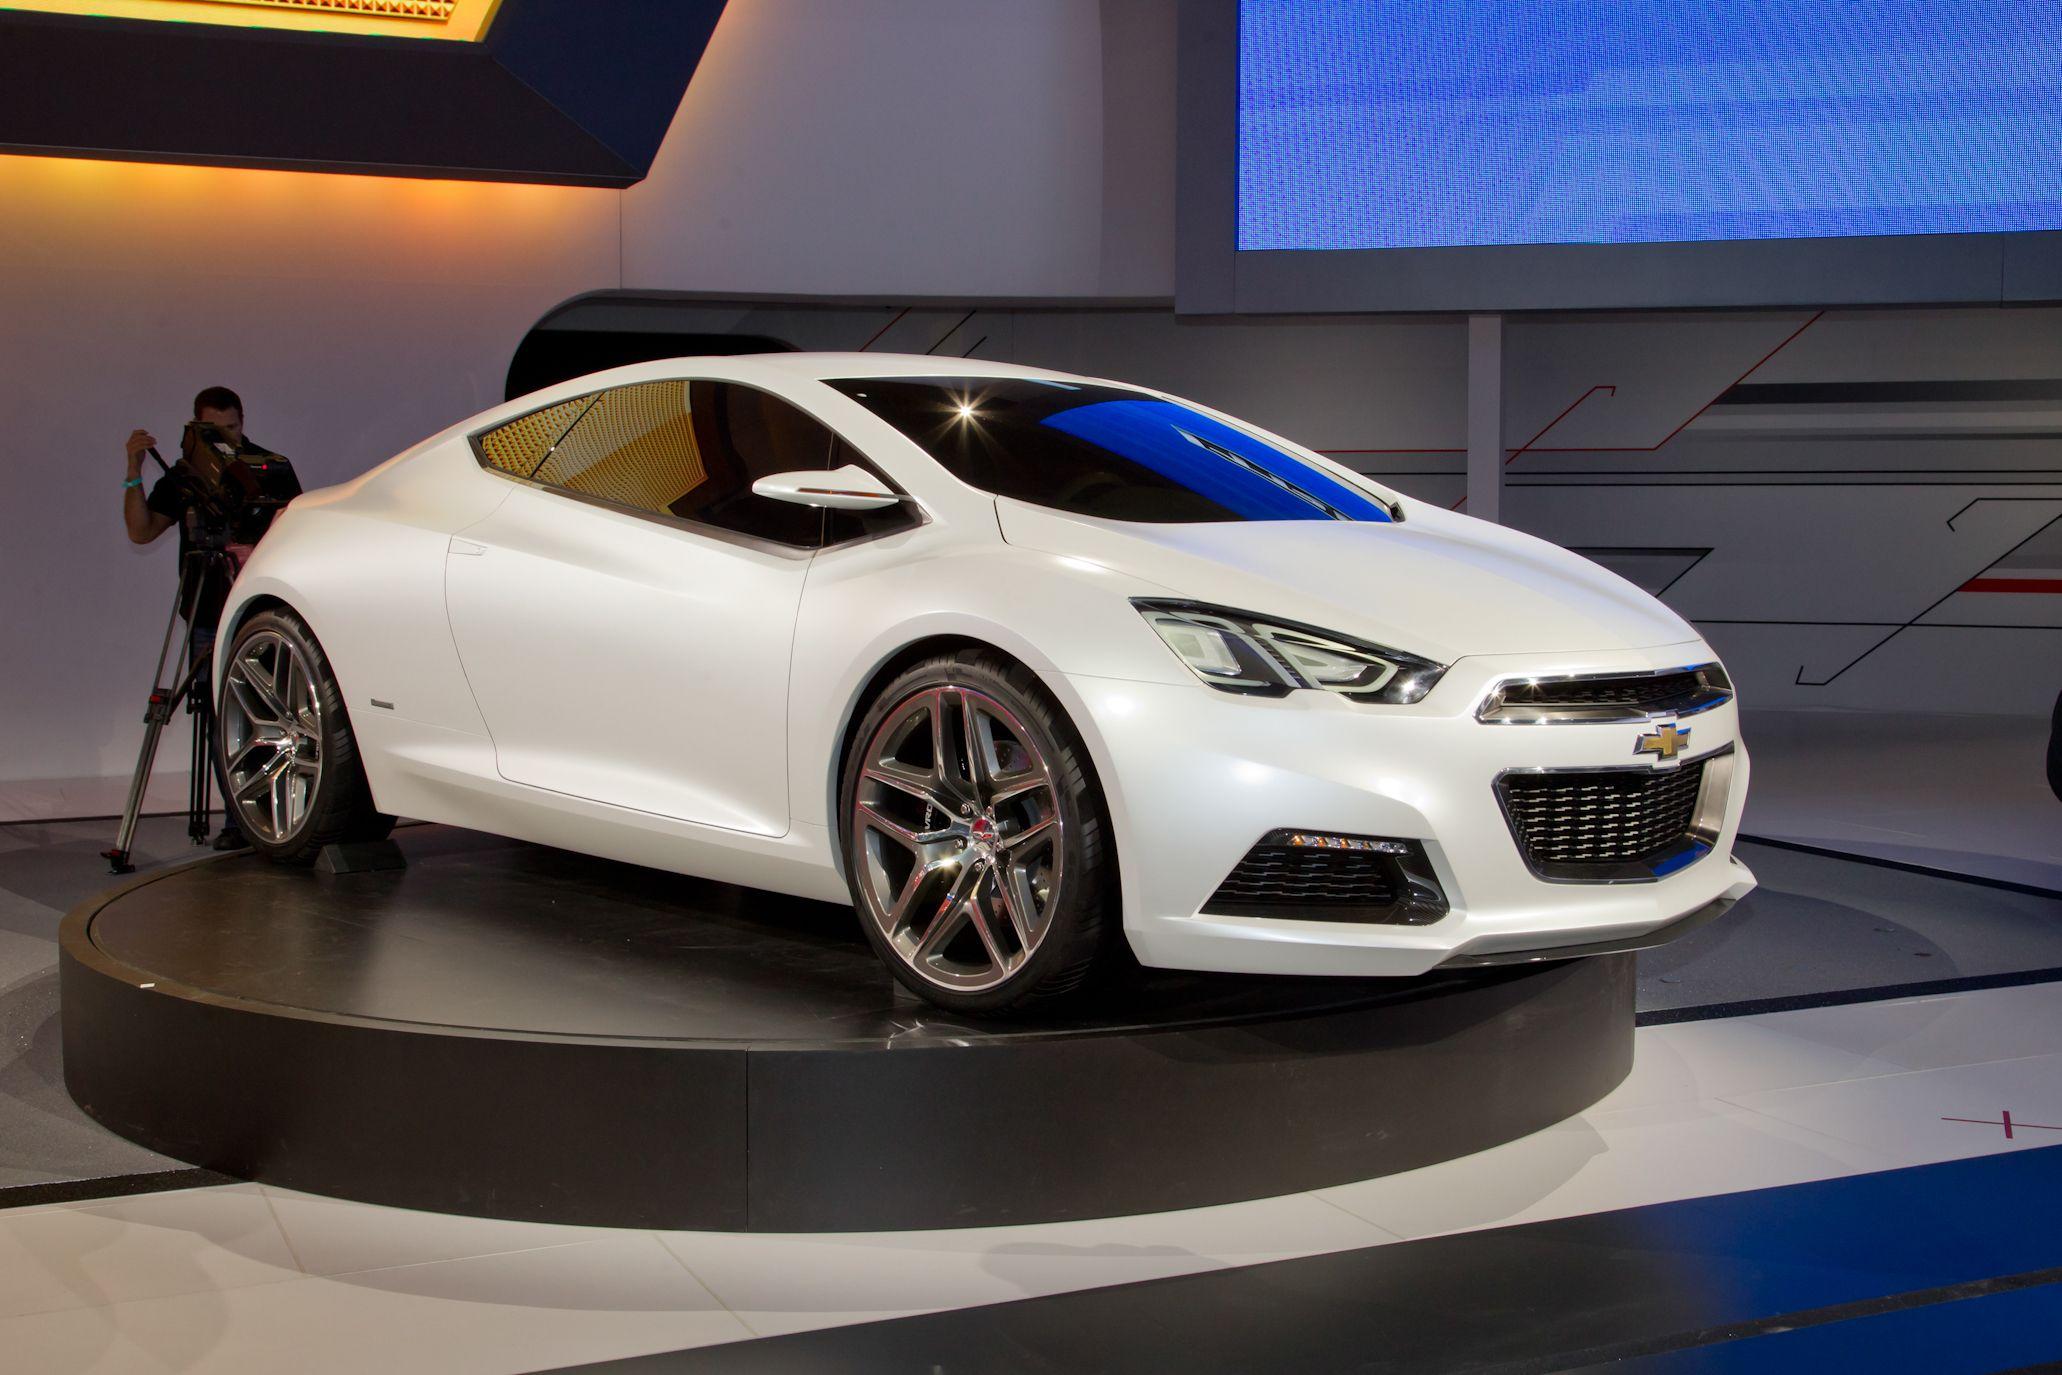 Kelebihan Kekurangan Chevrolet Auto Top Model Tahun Ini